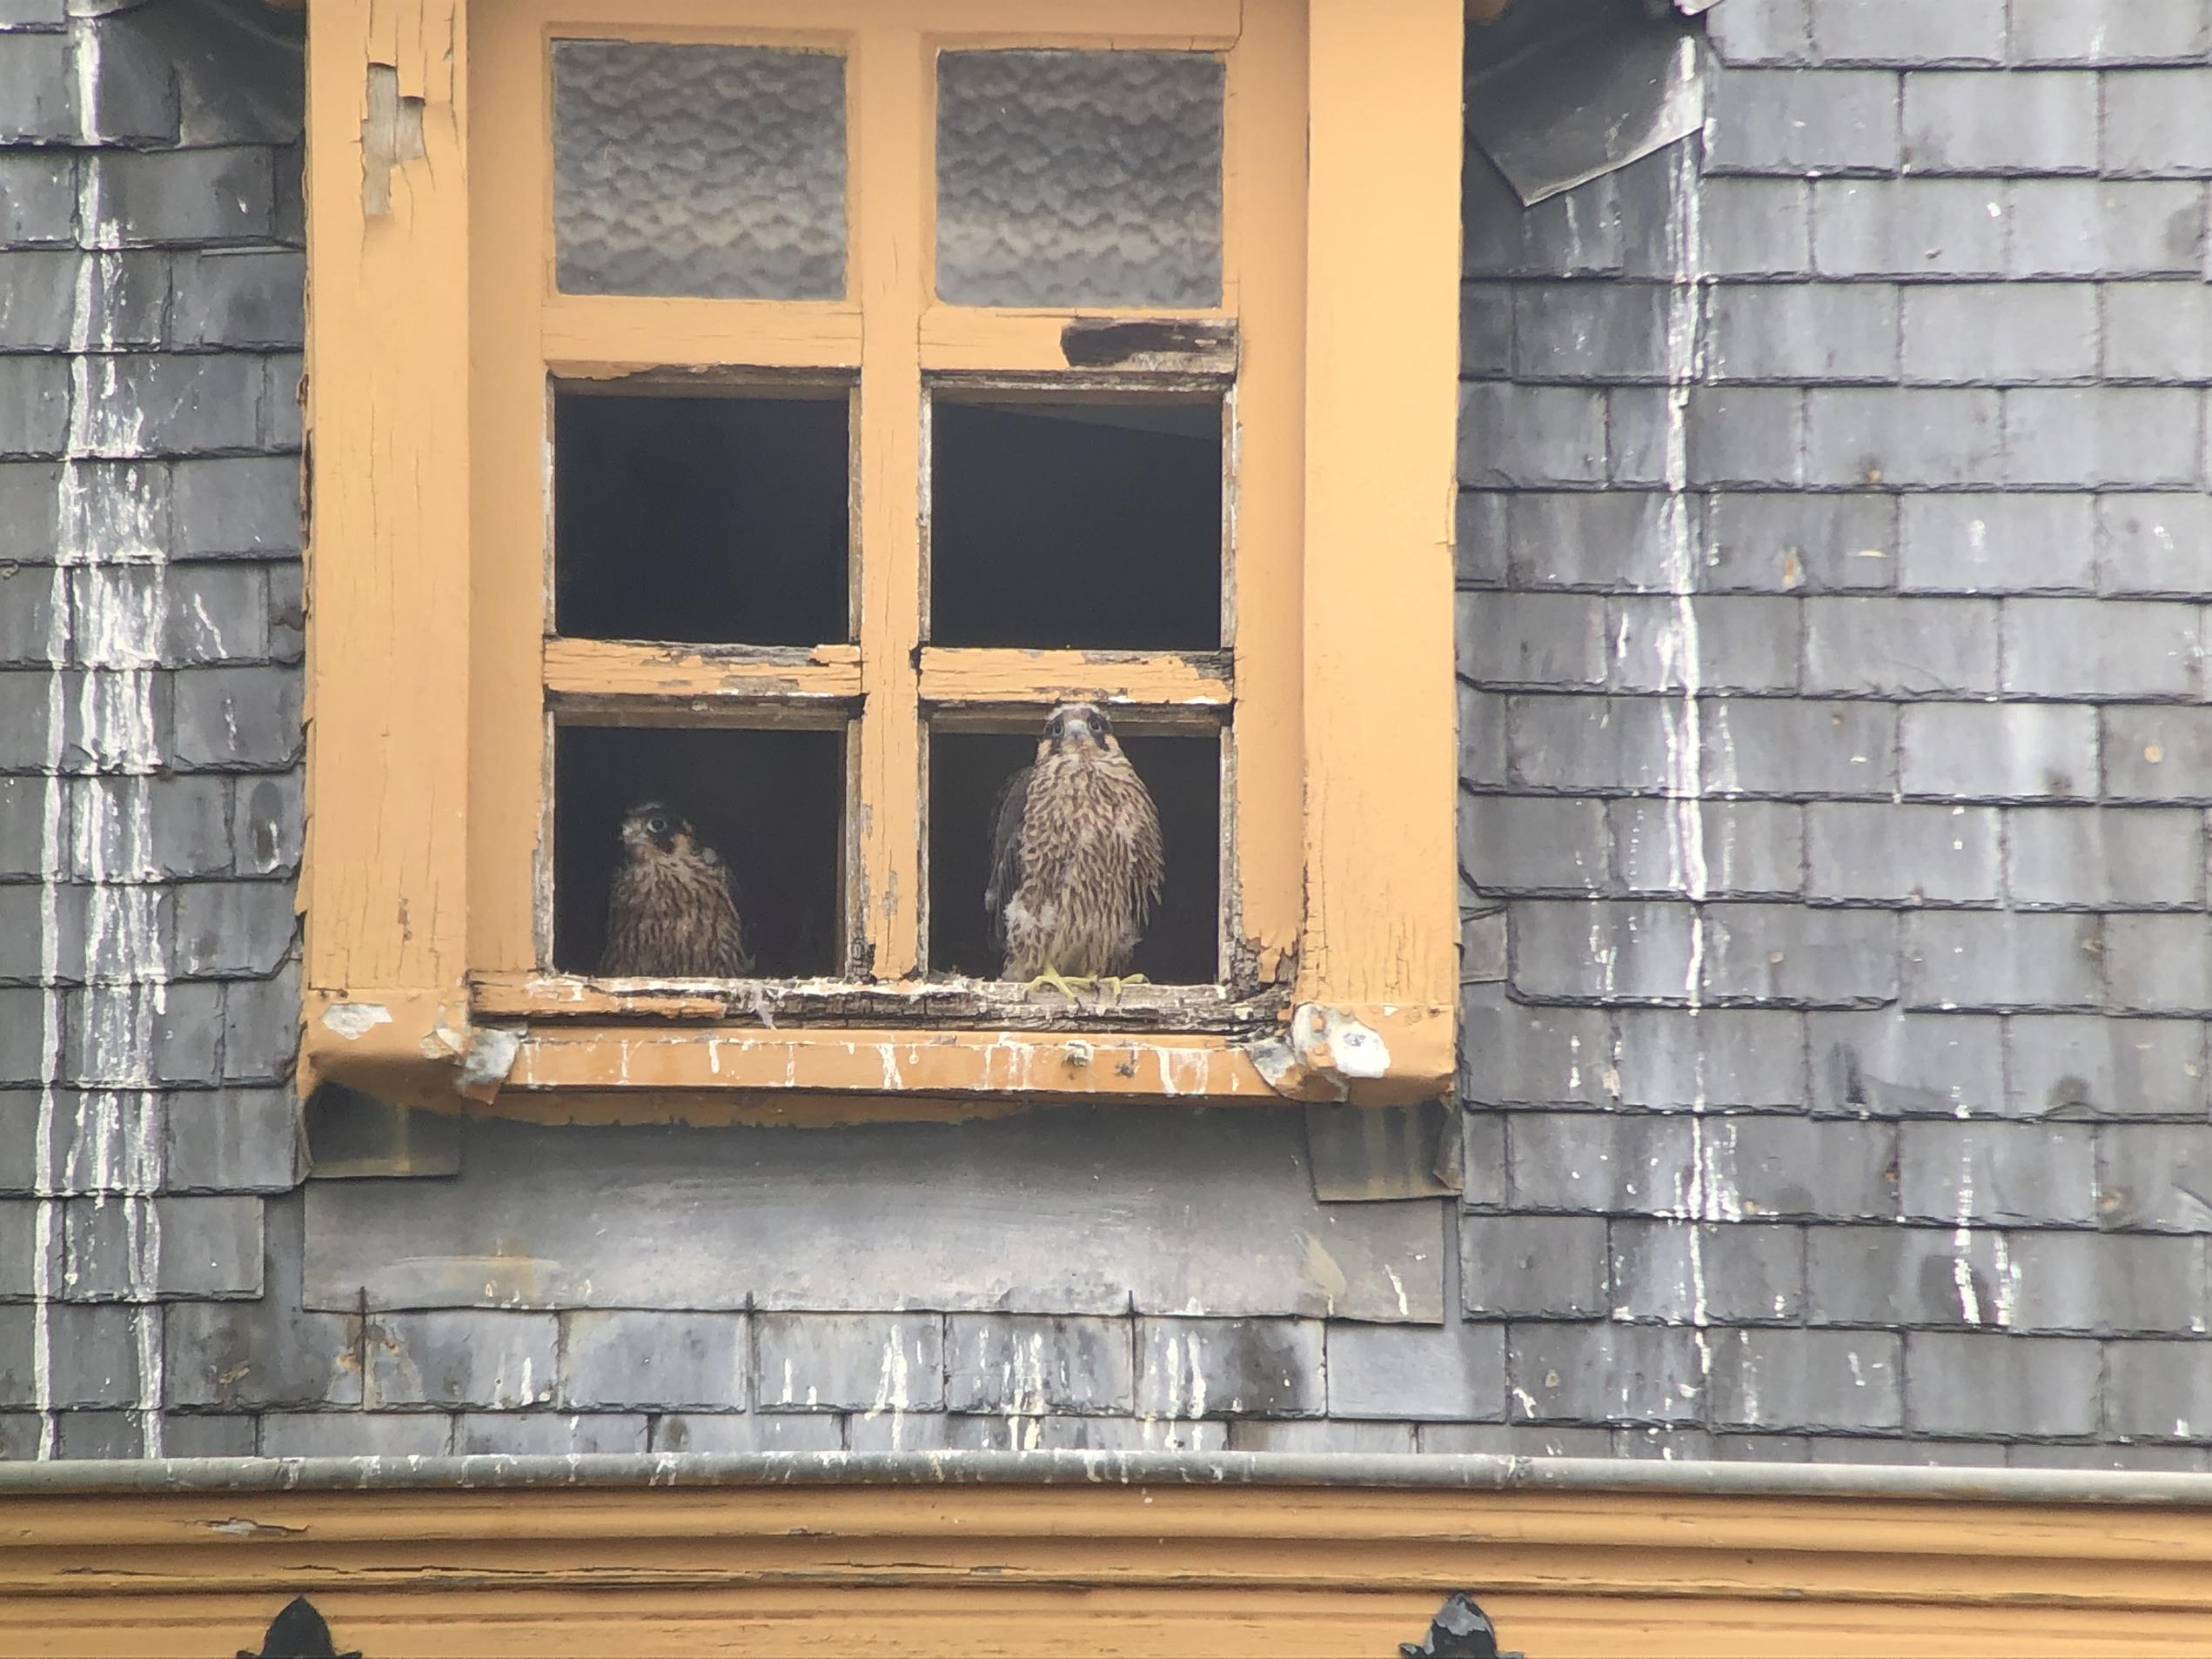 Deux jeunes Faucons pèlerins à la sortie du nid - Bruxelles